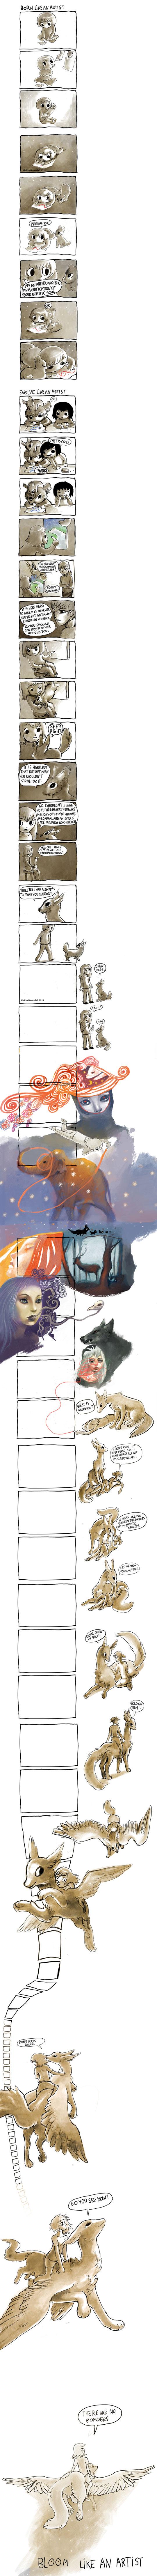 Born Like an Artist - http://themetapicture.com/born-like-an-artist/